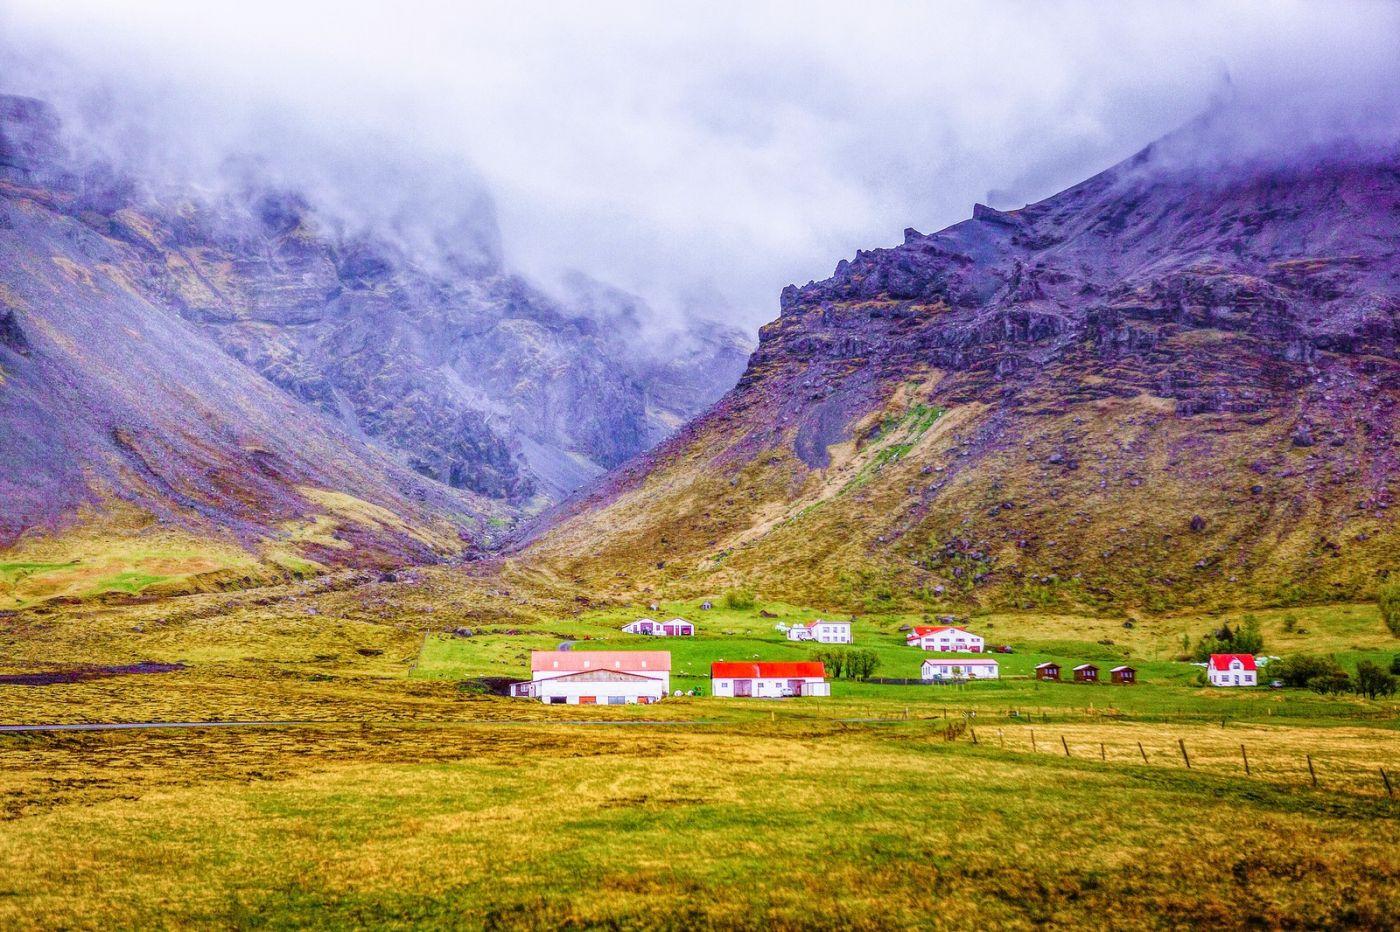 冰岛风采,大山民舍羊群_图1-2